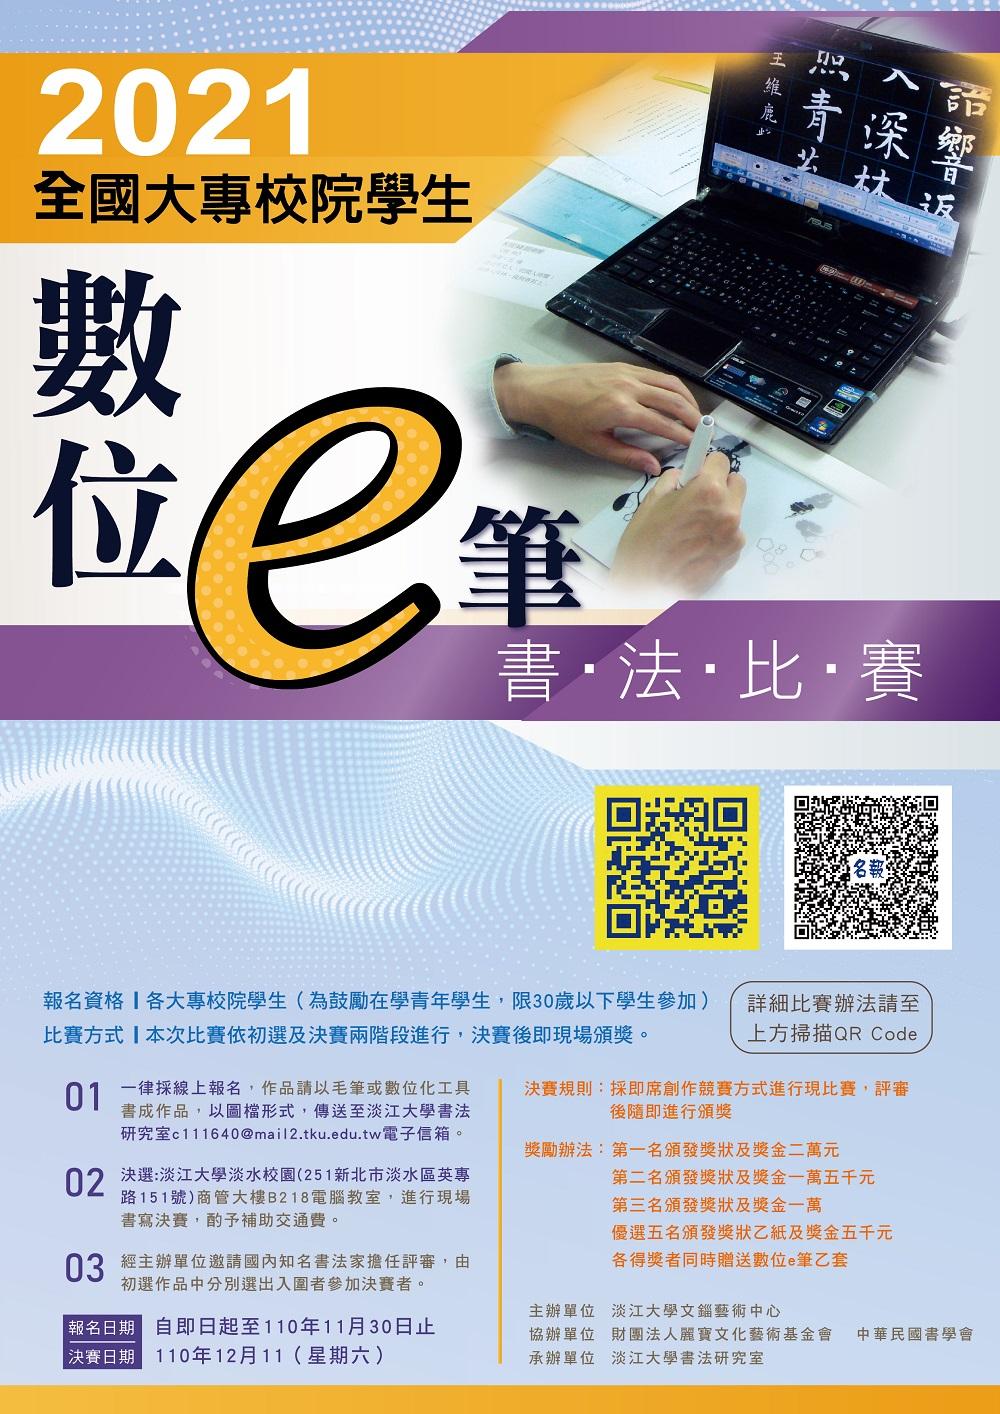 活動海報:2021年全國大專校院學生e筆書法比賽